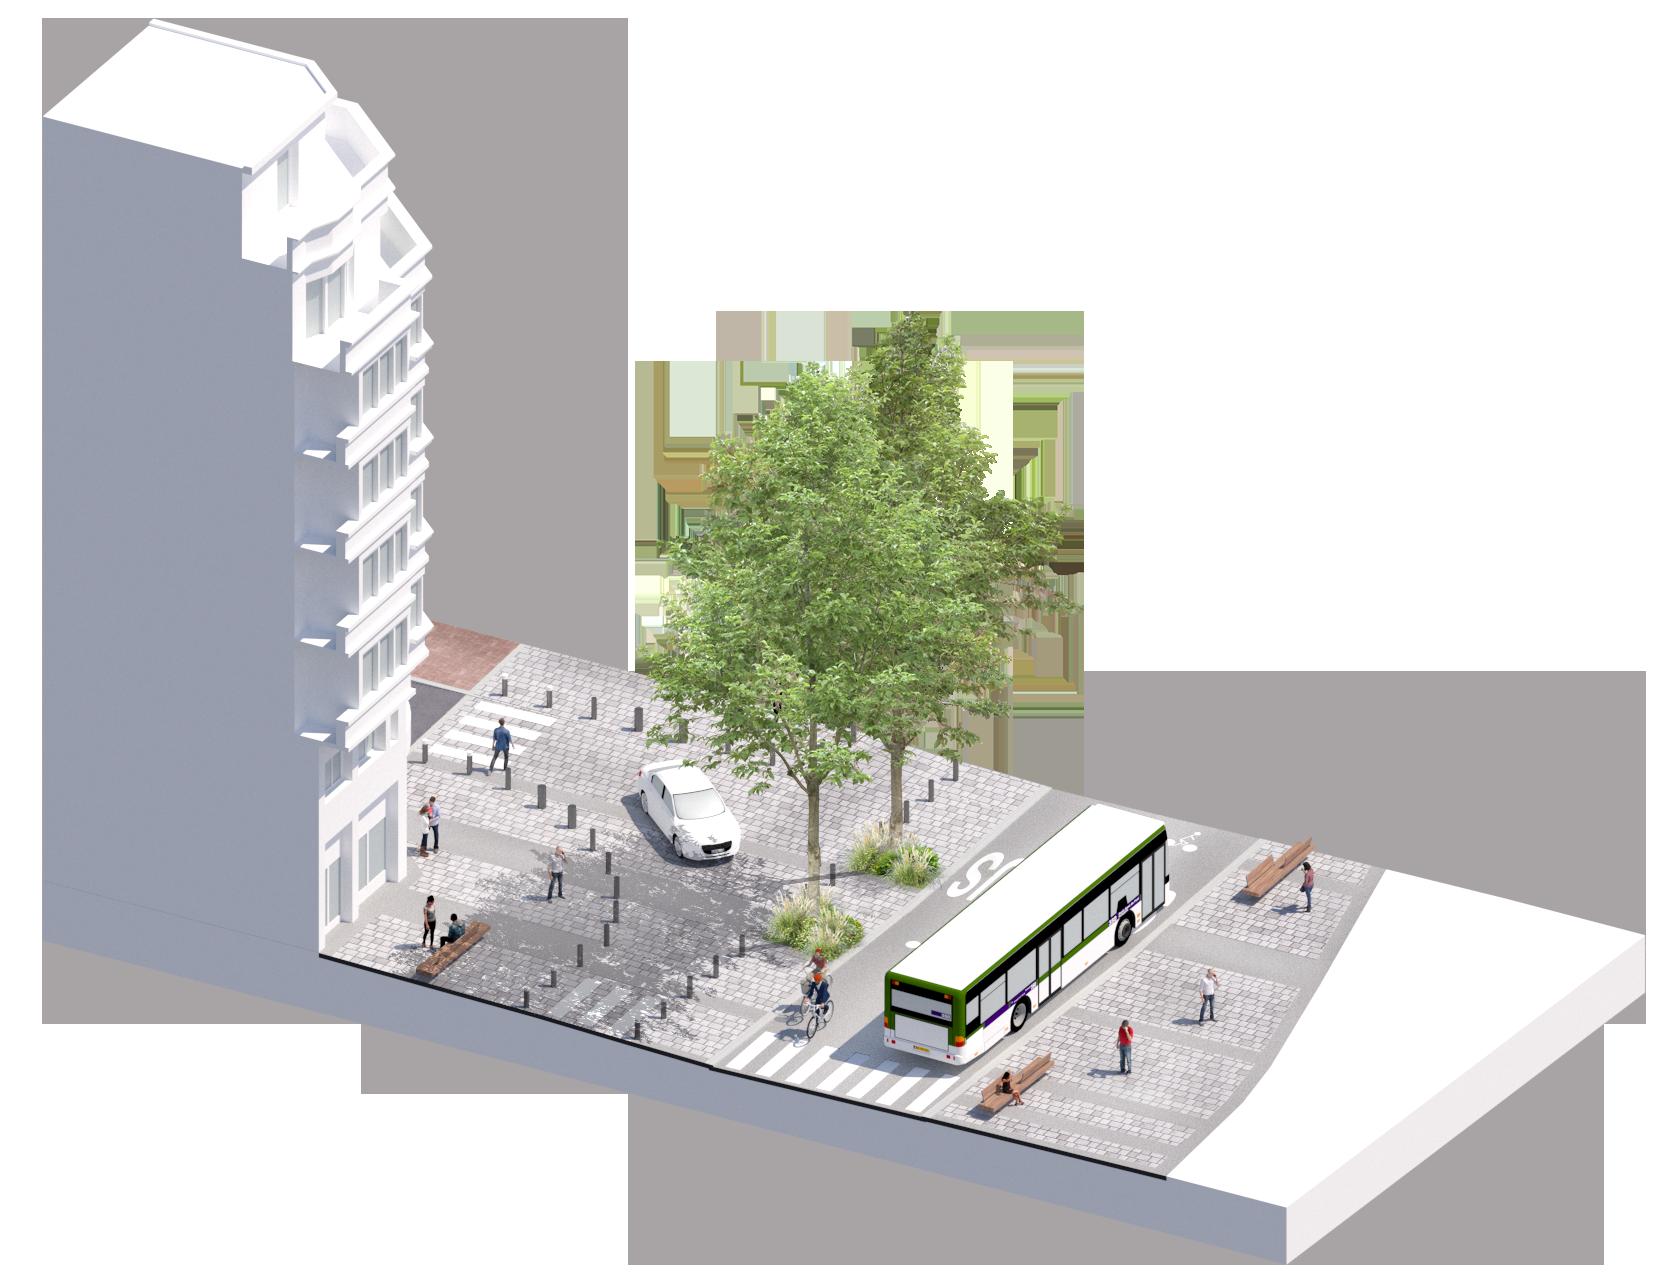 Bloc axonométrique projet sur la section la plus large - rue du Molinel - Ville de Lille